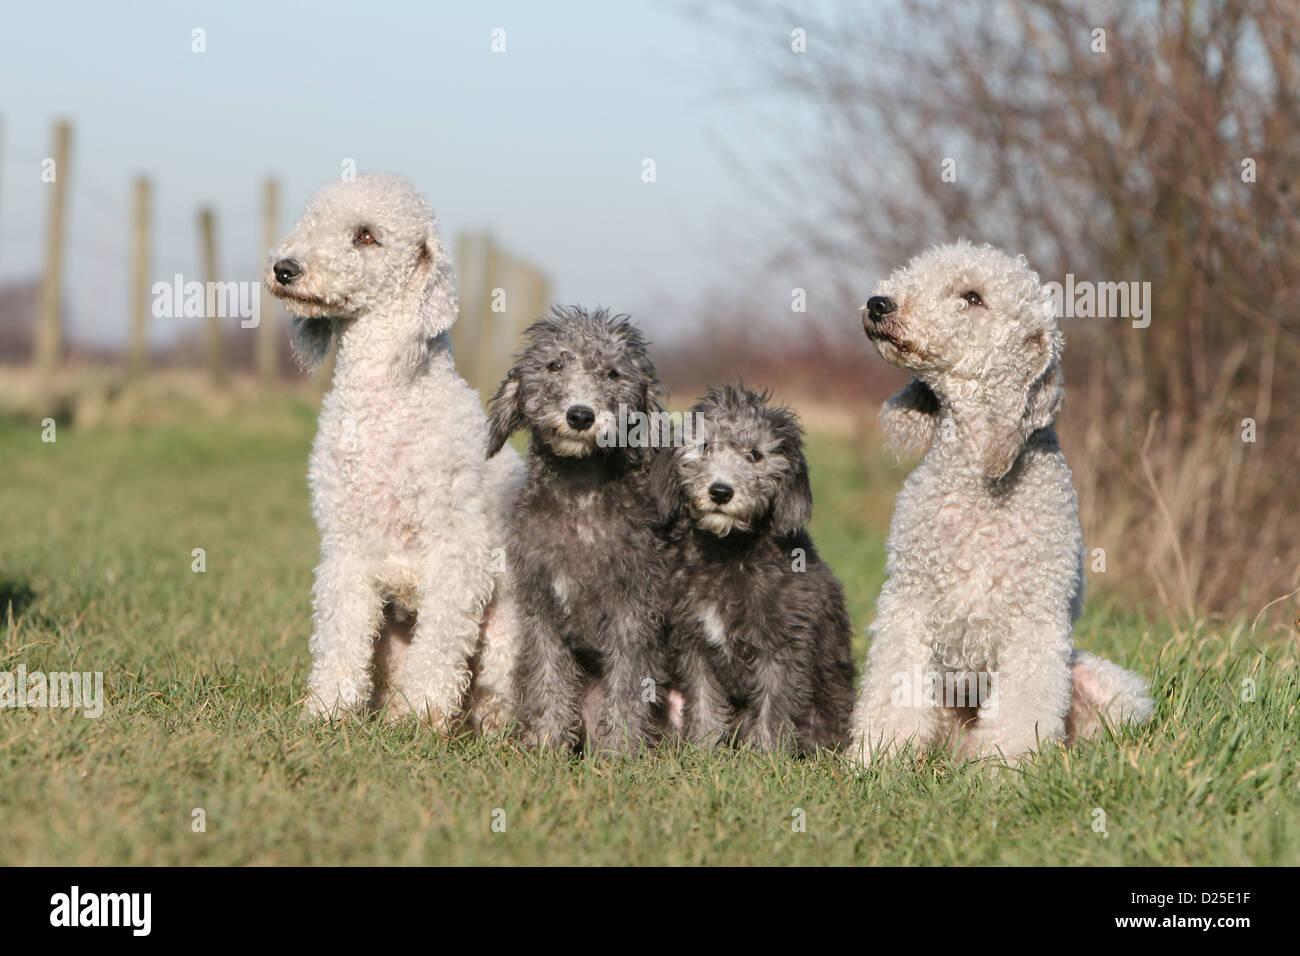 Description breed bedlington terrier. Bedlington Terrier: nature, features, photos 56